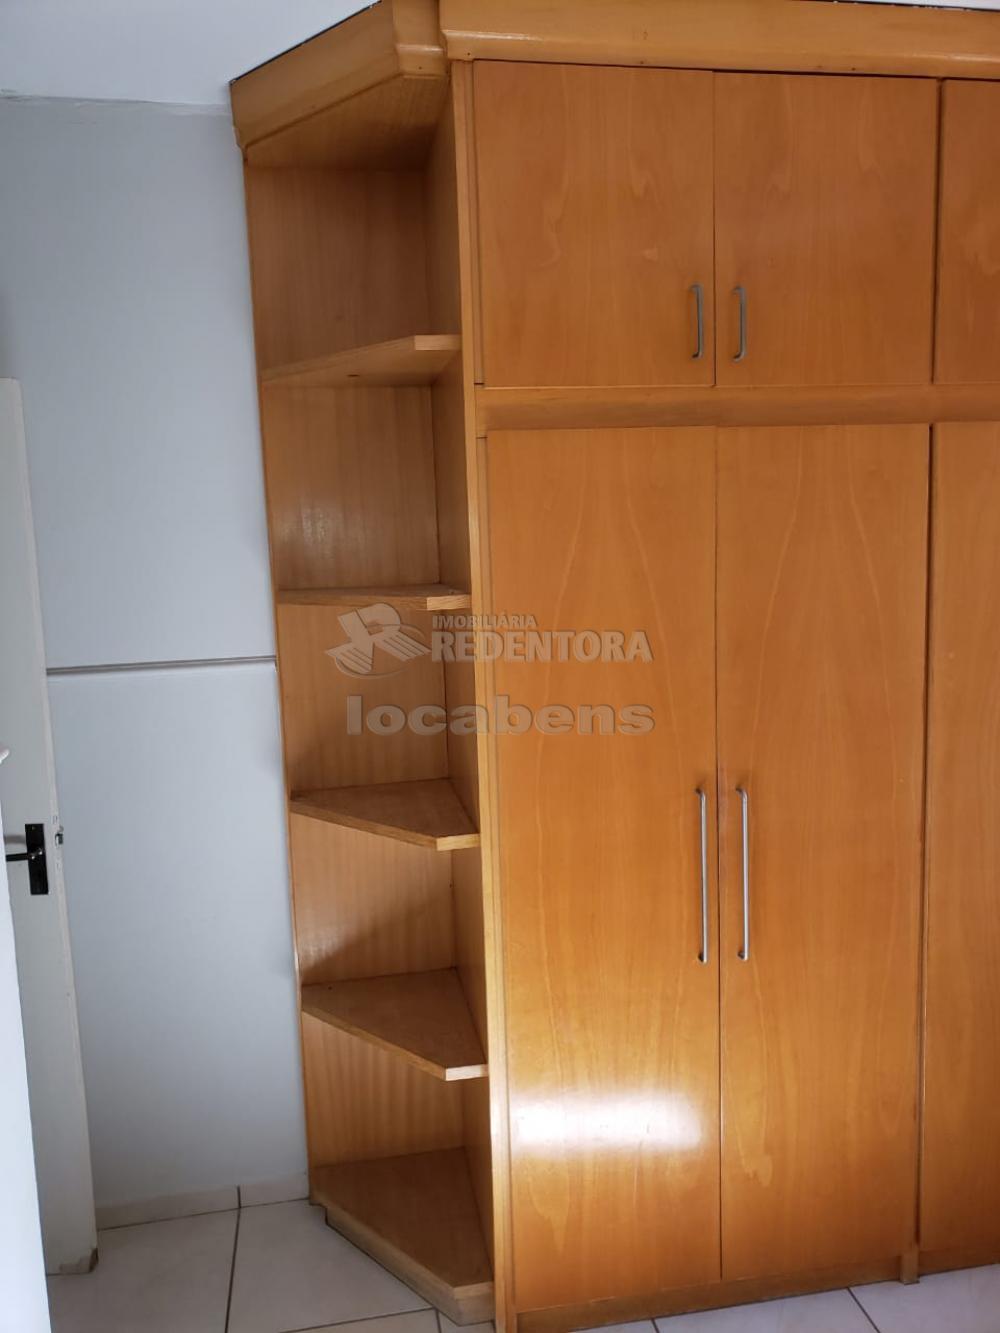 Alugar Casa / Condomínio em São José do Rio Preto apenas R$ 800,00 - Foto 6